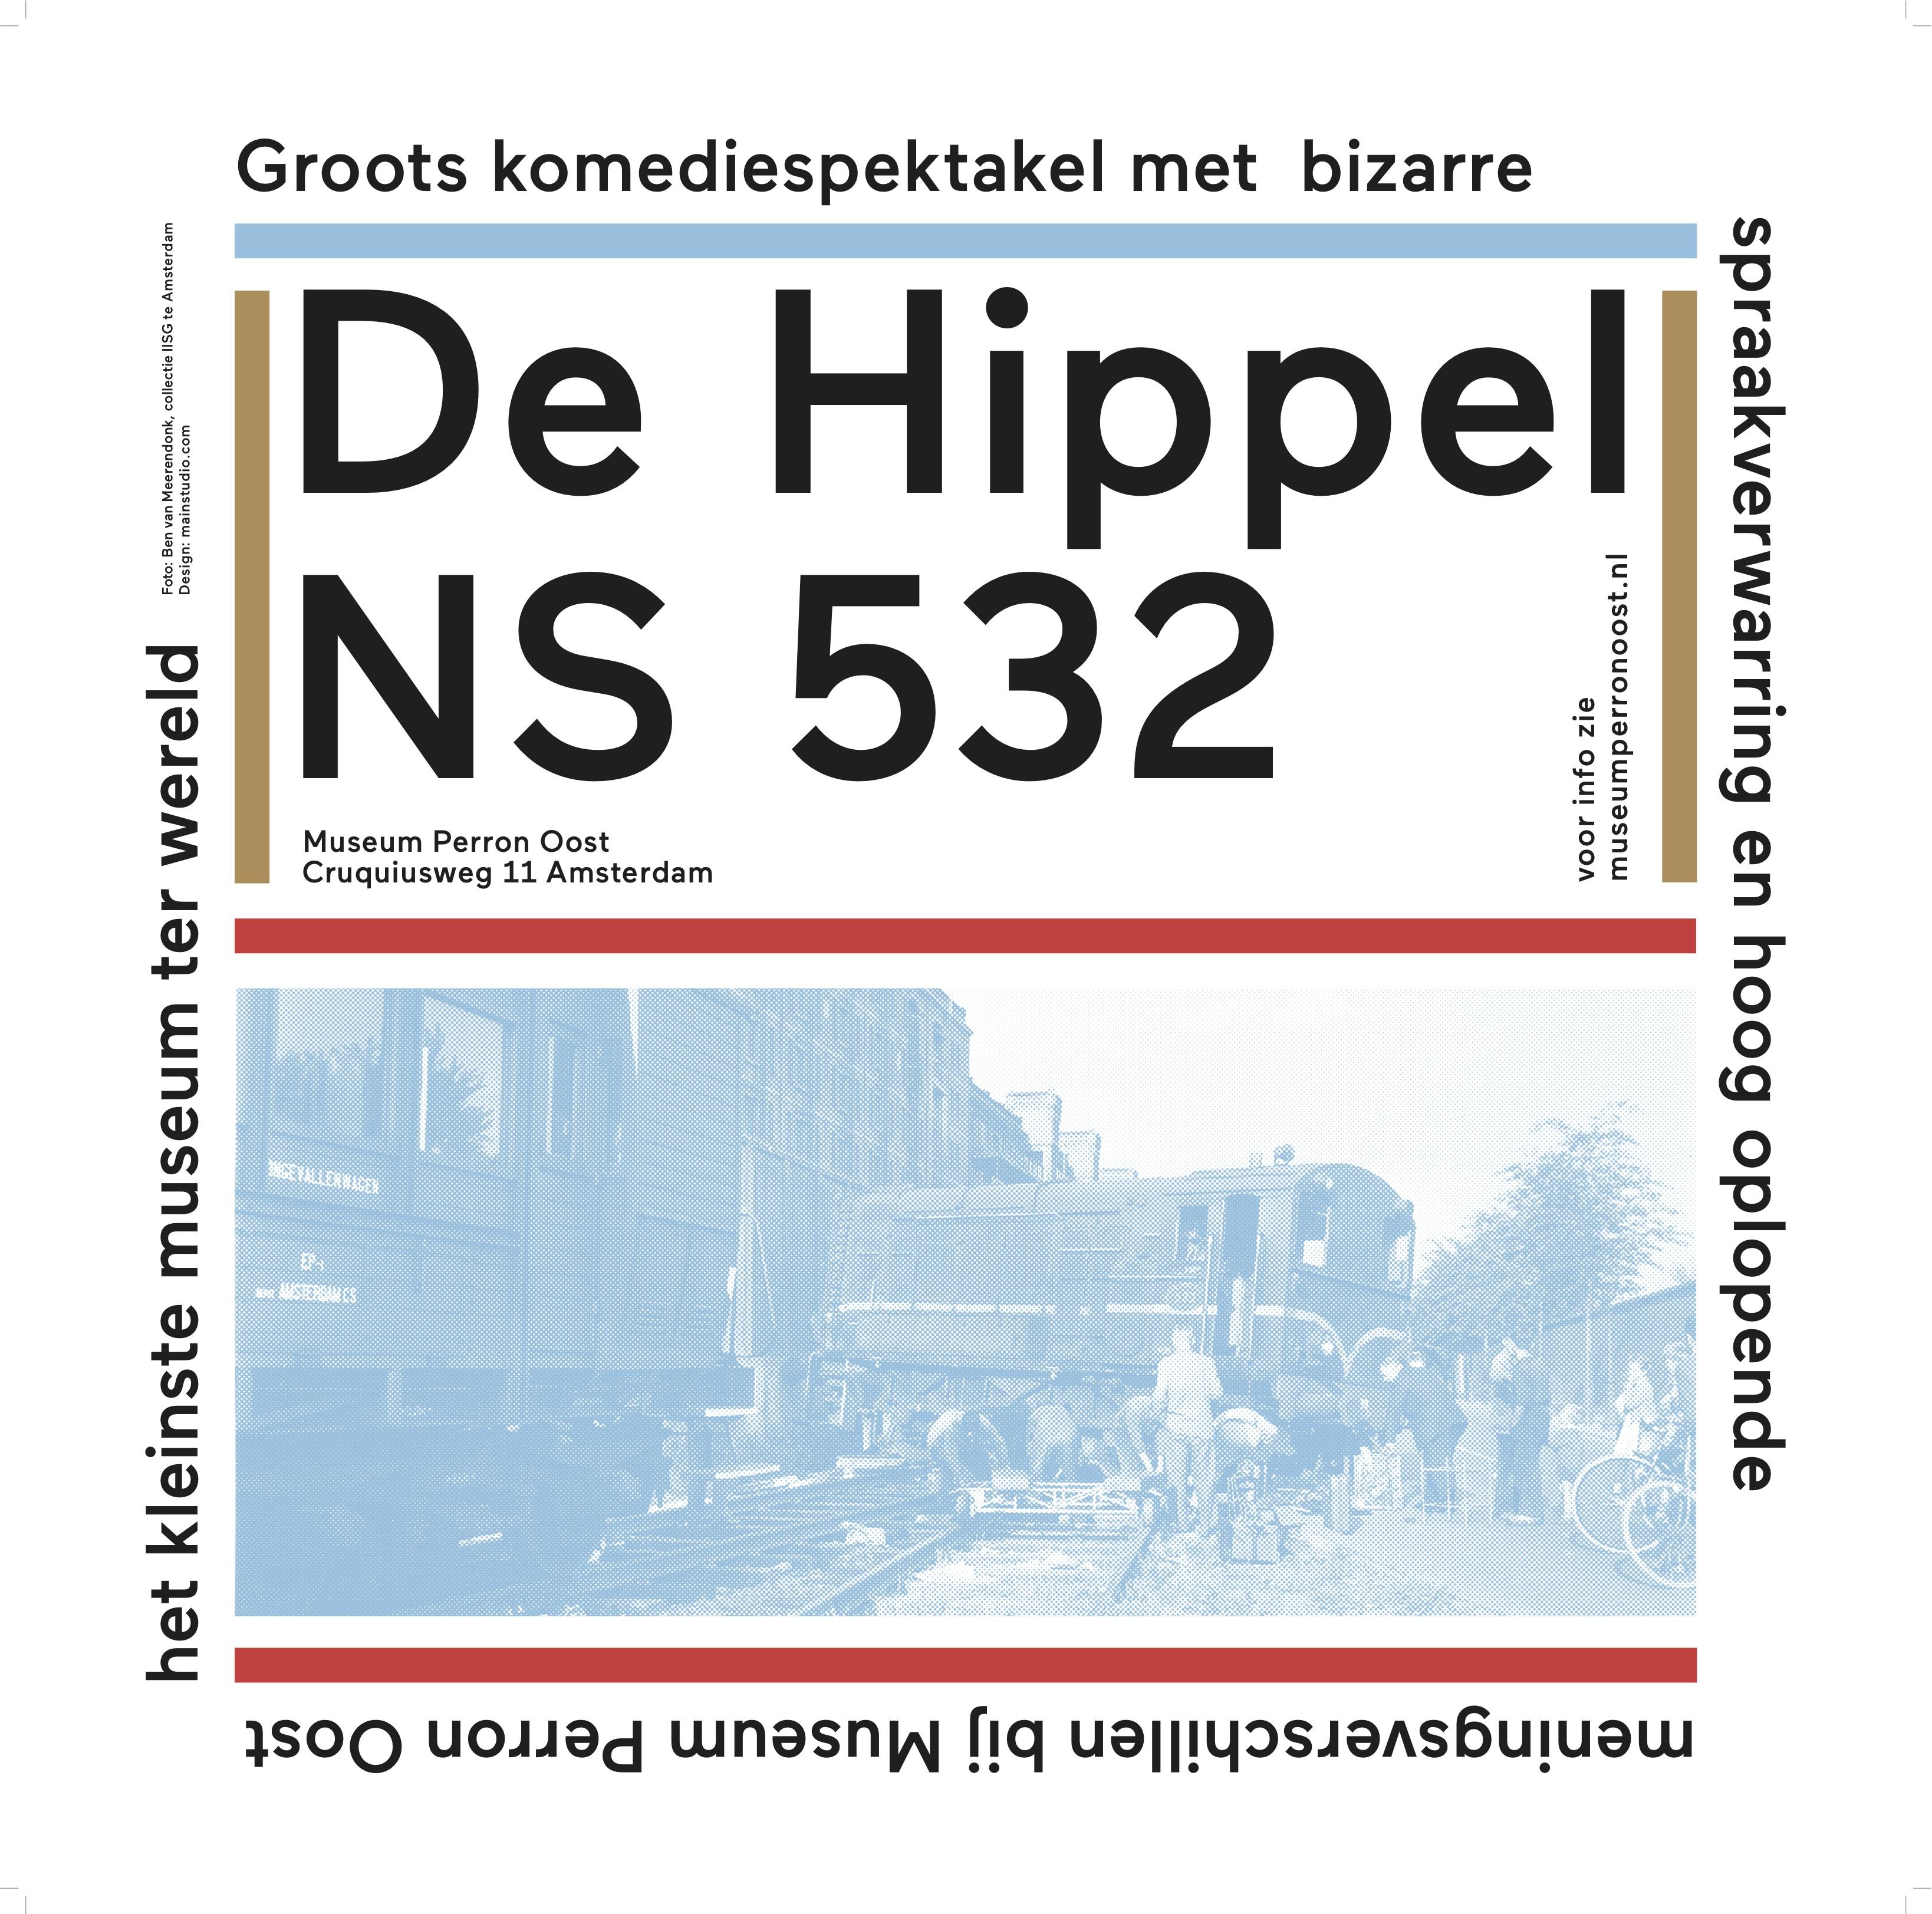 Ontspoord: De Hippel, NS 532